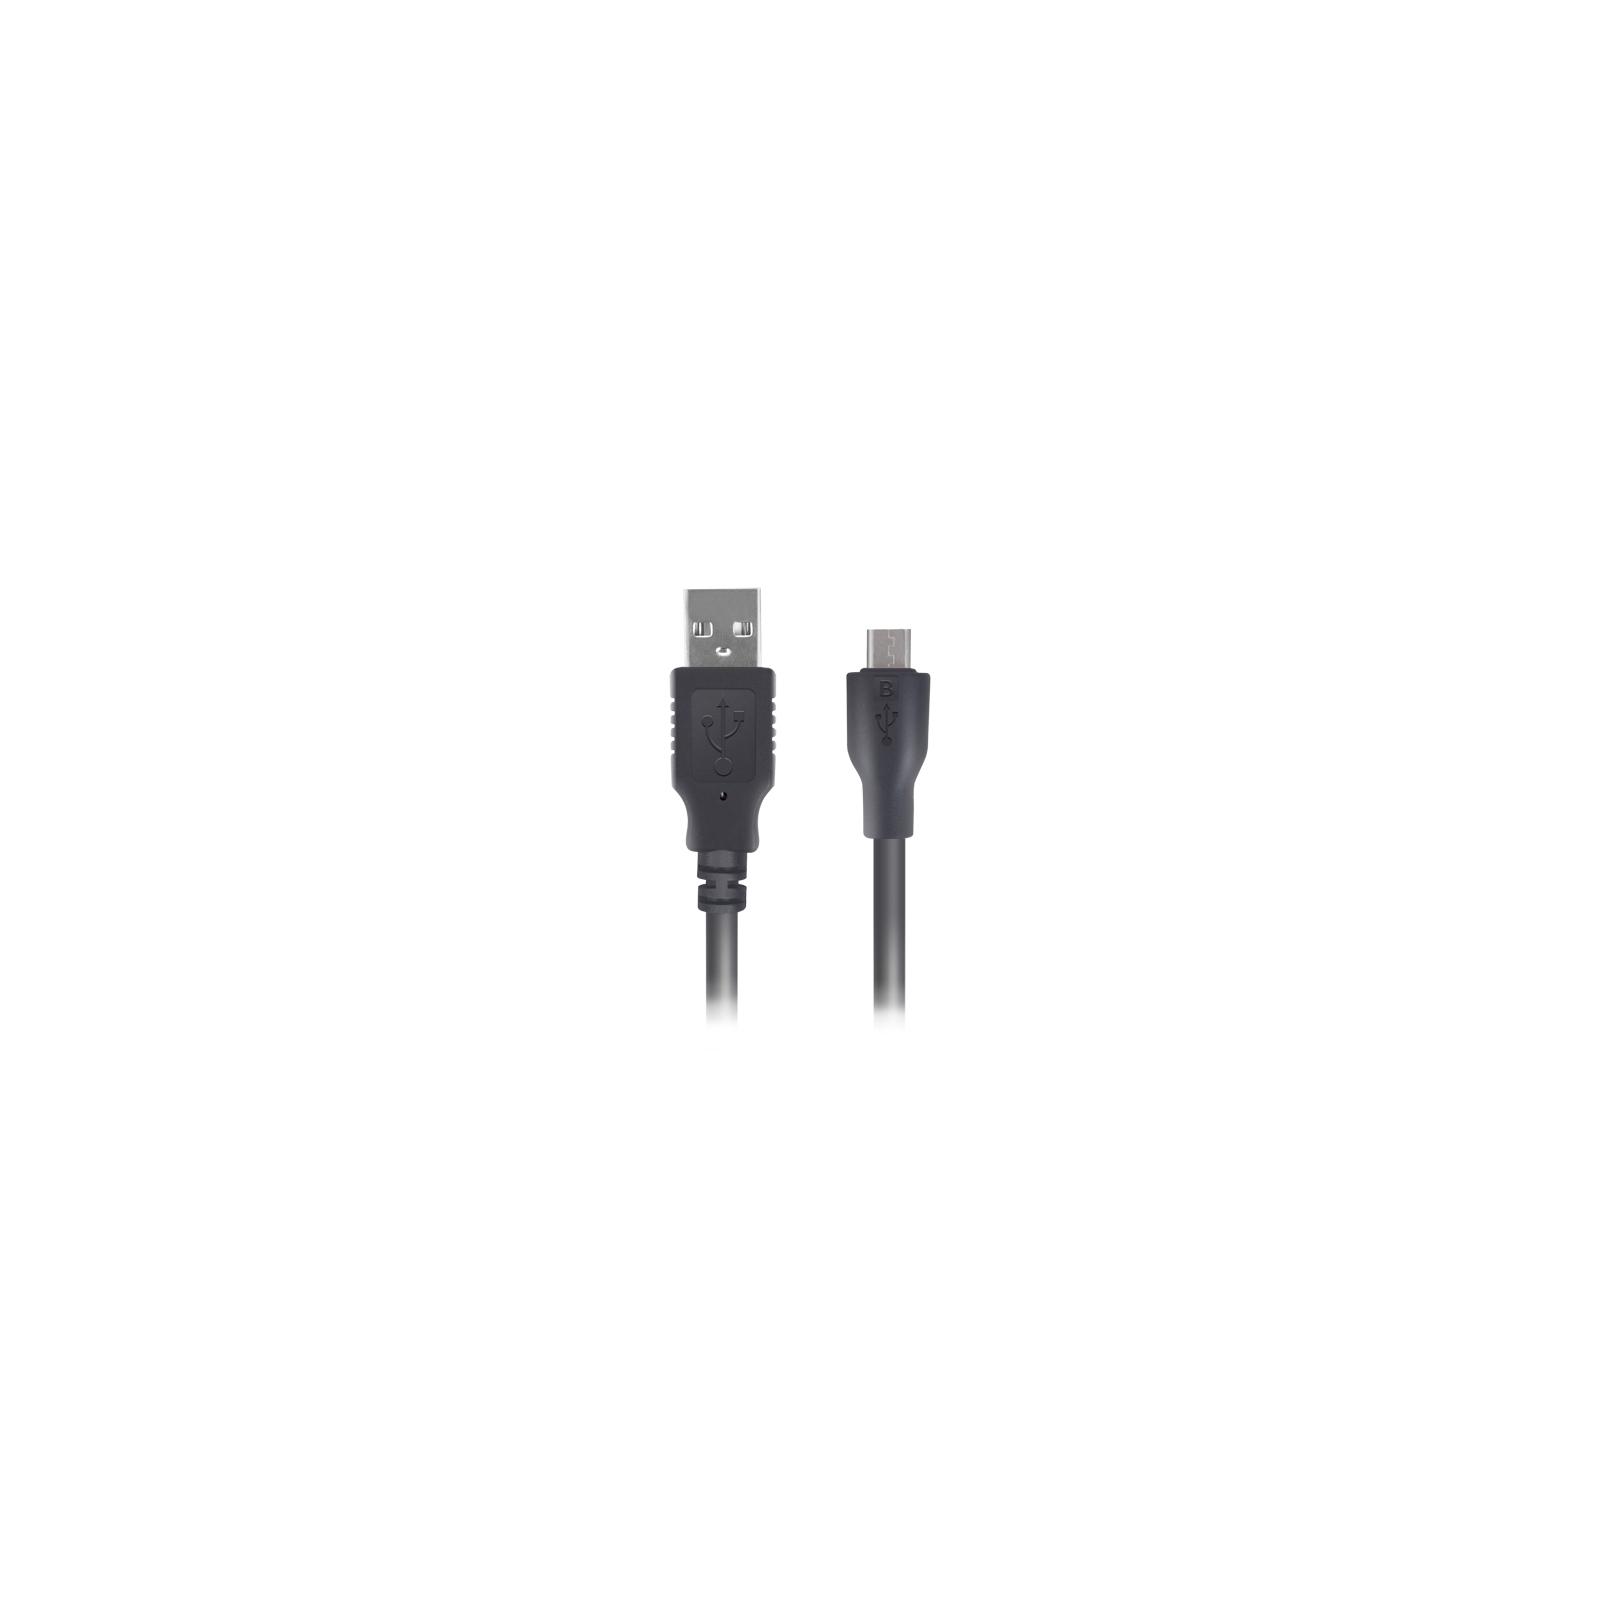 Дата кабель USB 2.0 Micro 5P to AF 0.8m GEMIX (Art.GC 1638)